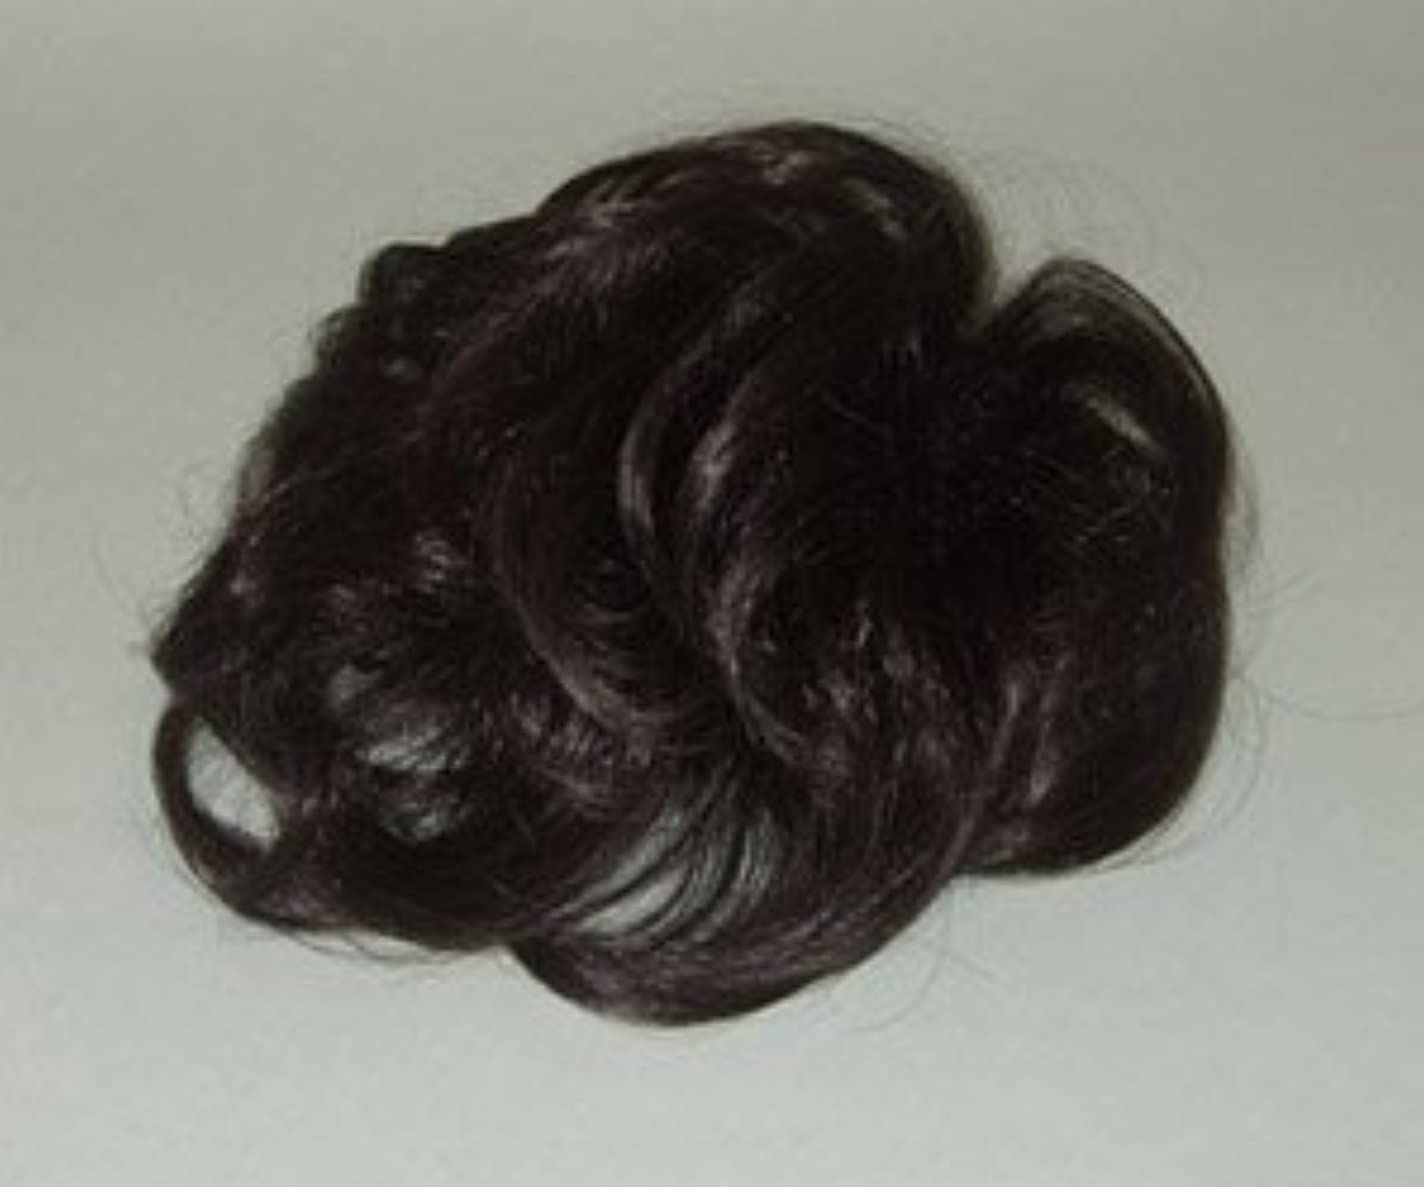 墓罰遺伝的富士パックス販売 ボンヘアー BON HAIR (ボリュームアップタイプ) ブラウン